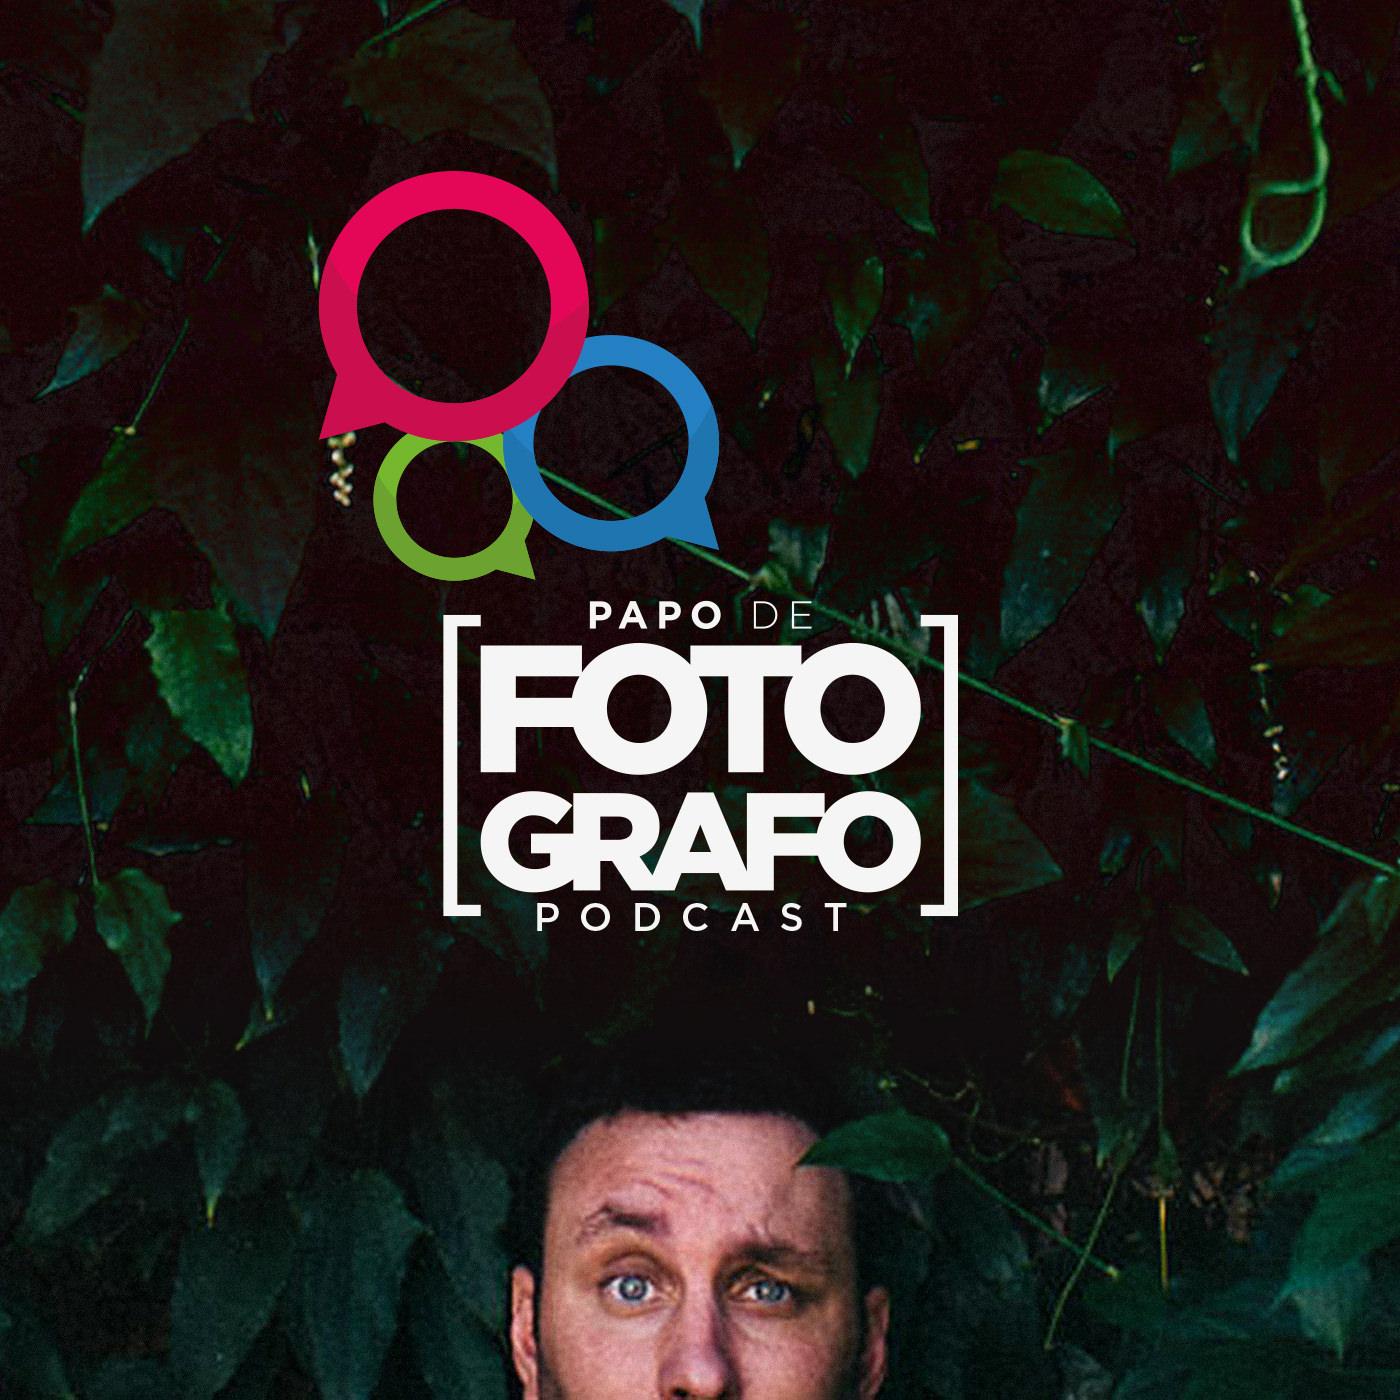 Papo de Fotógrafo